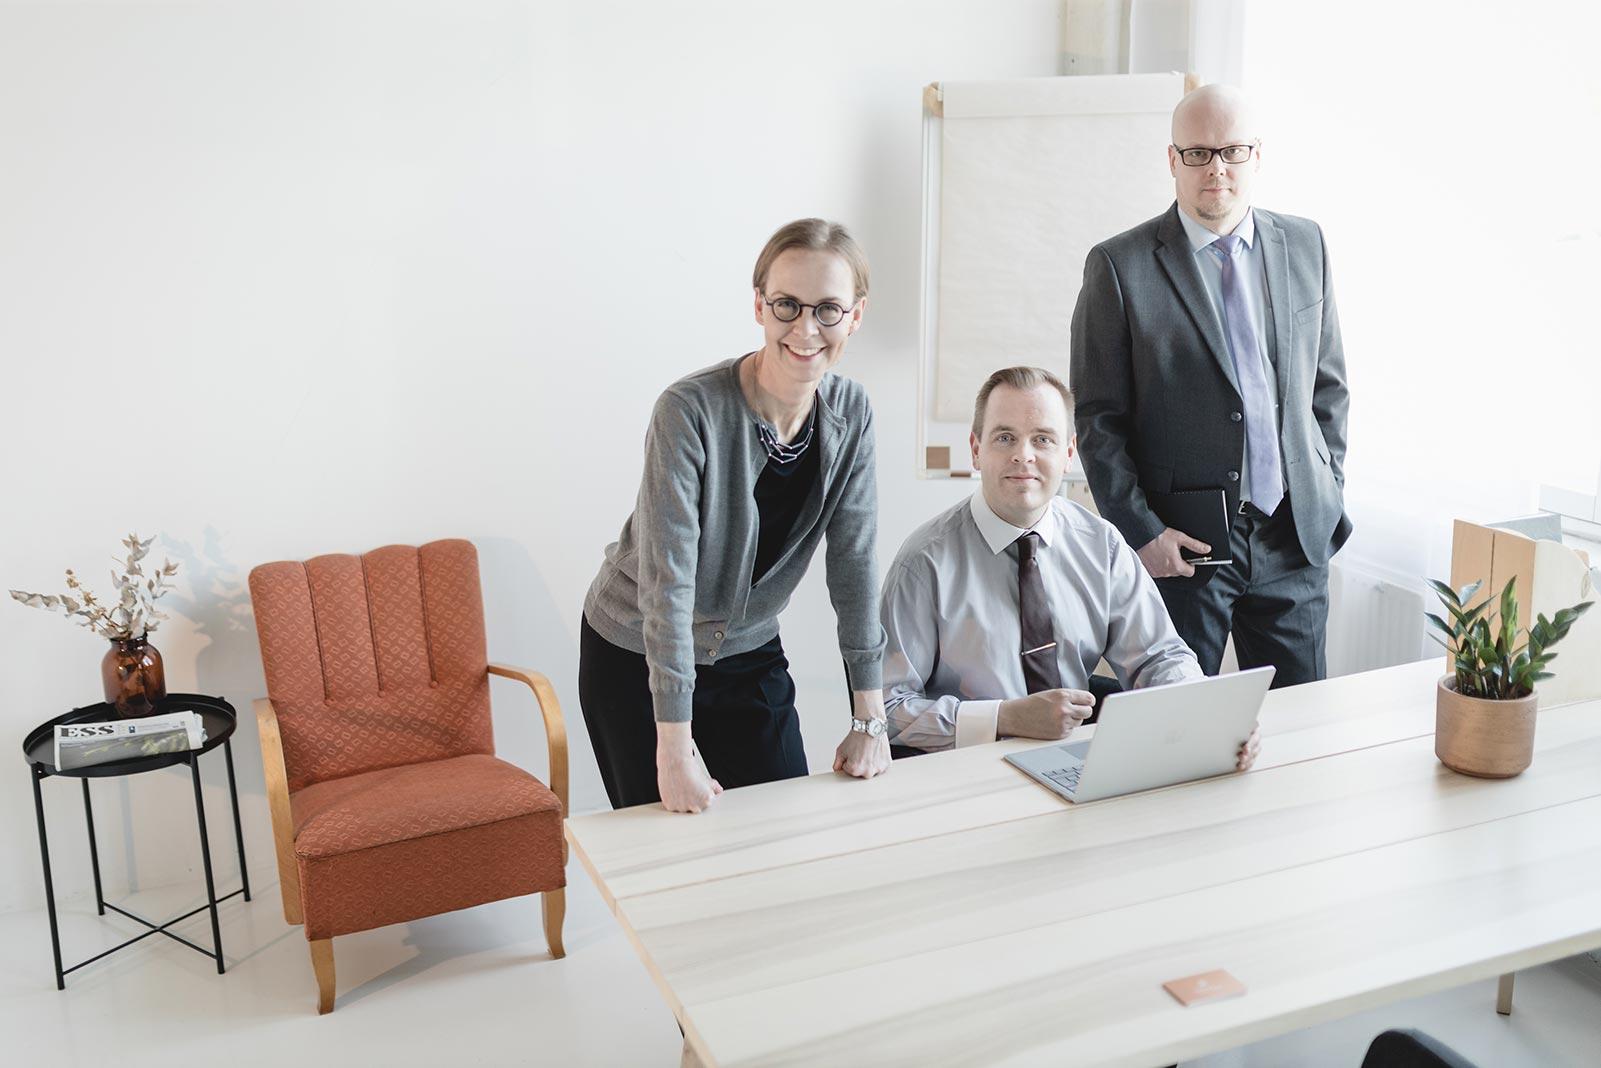 Markkula lakiasiaintoimiston asiantuntijat kuvassa